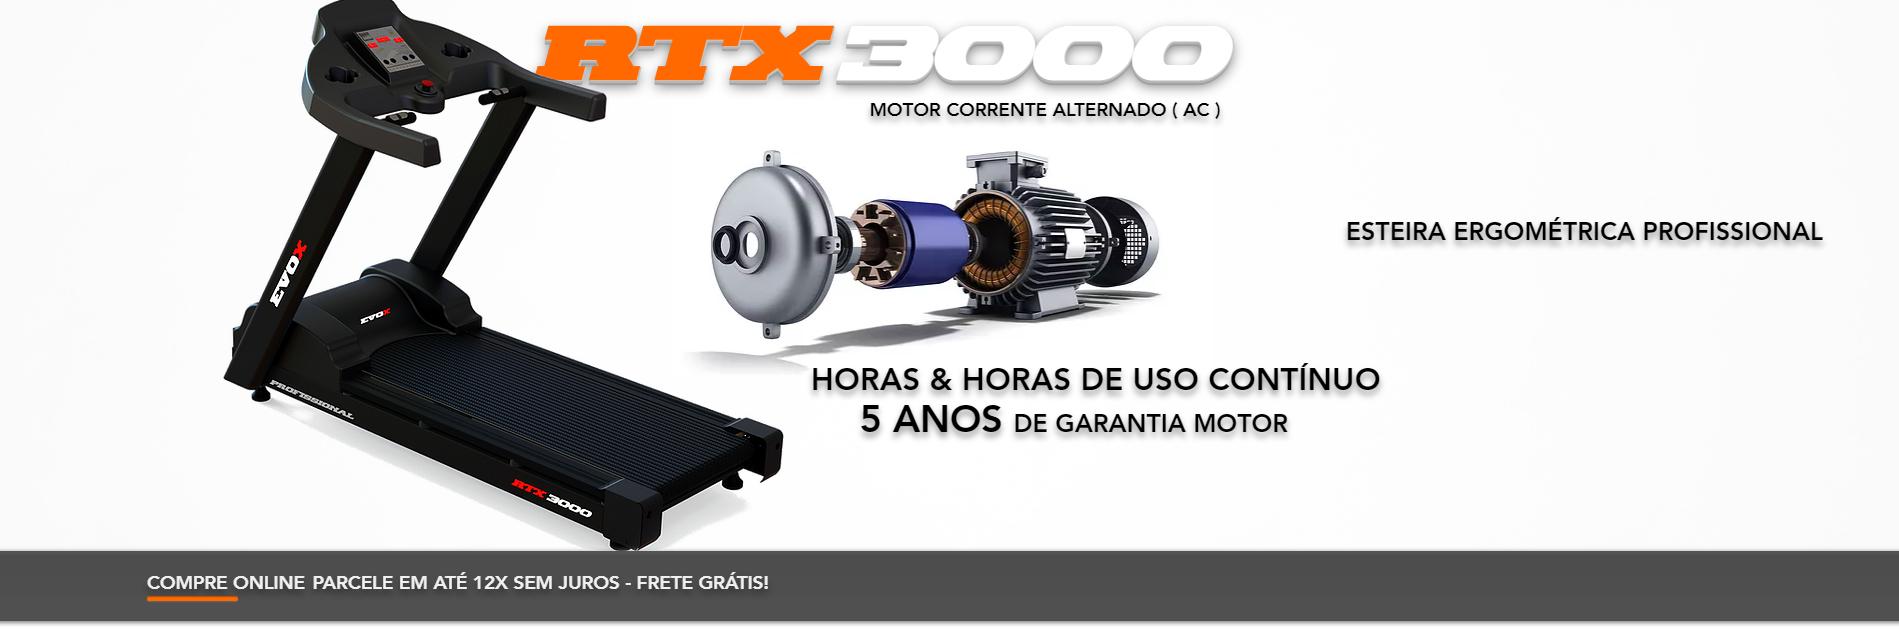 Esteira Ergométrica RTX 3000 profissional